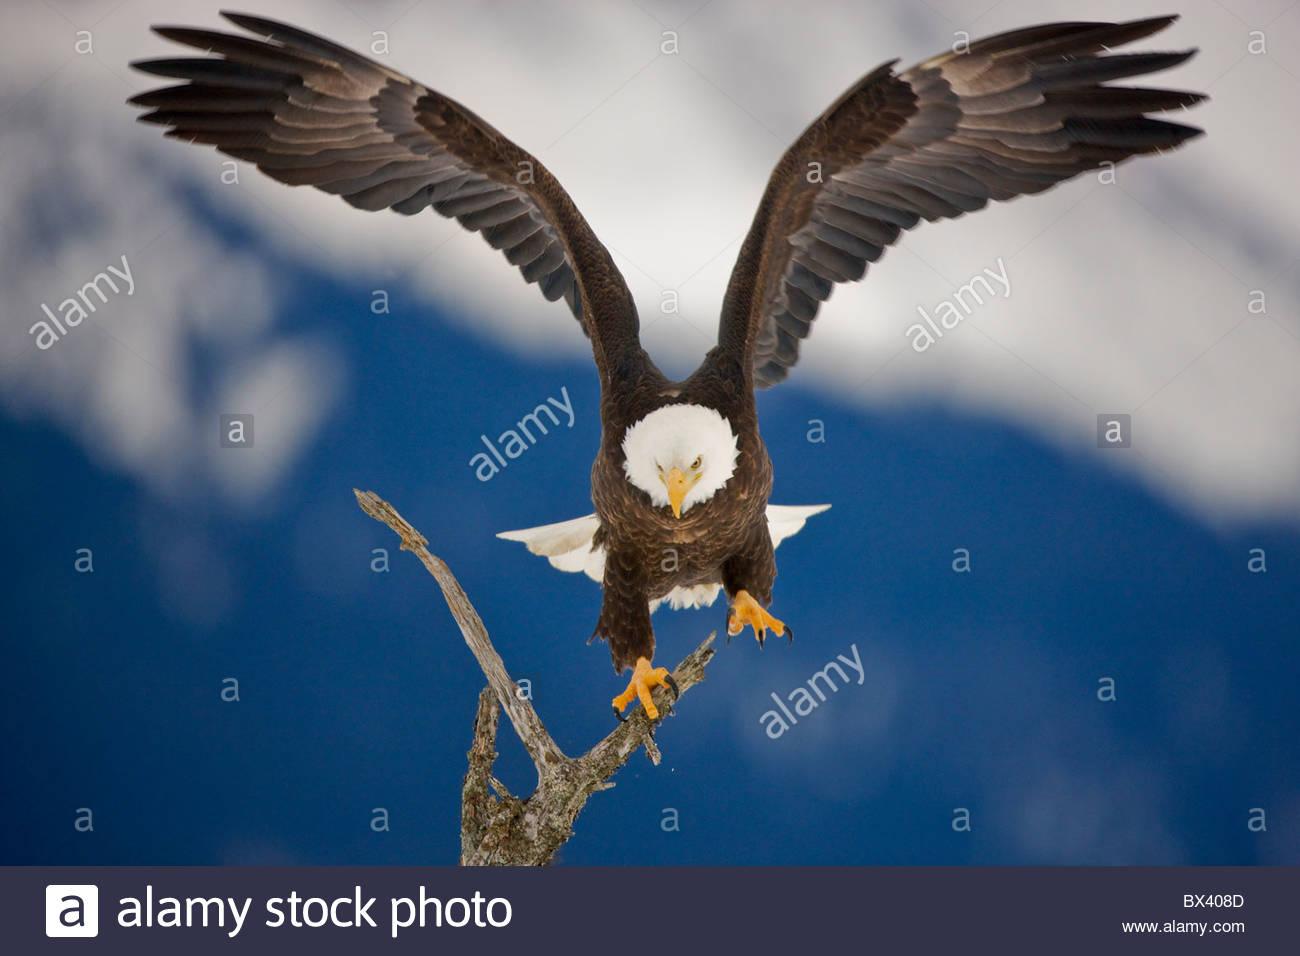 Bald Eagle in the Chugach National Forest, near Seward, Alaska. - Stock Image